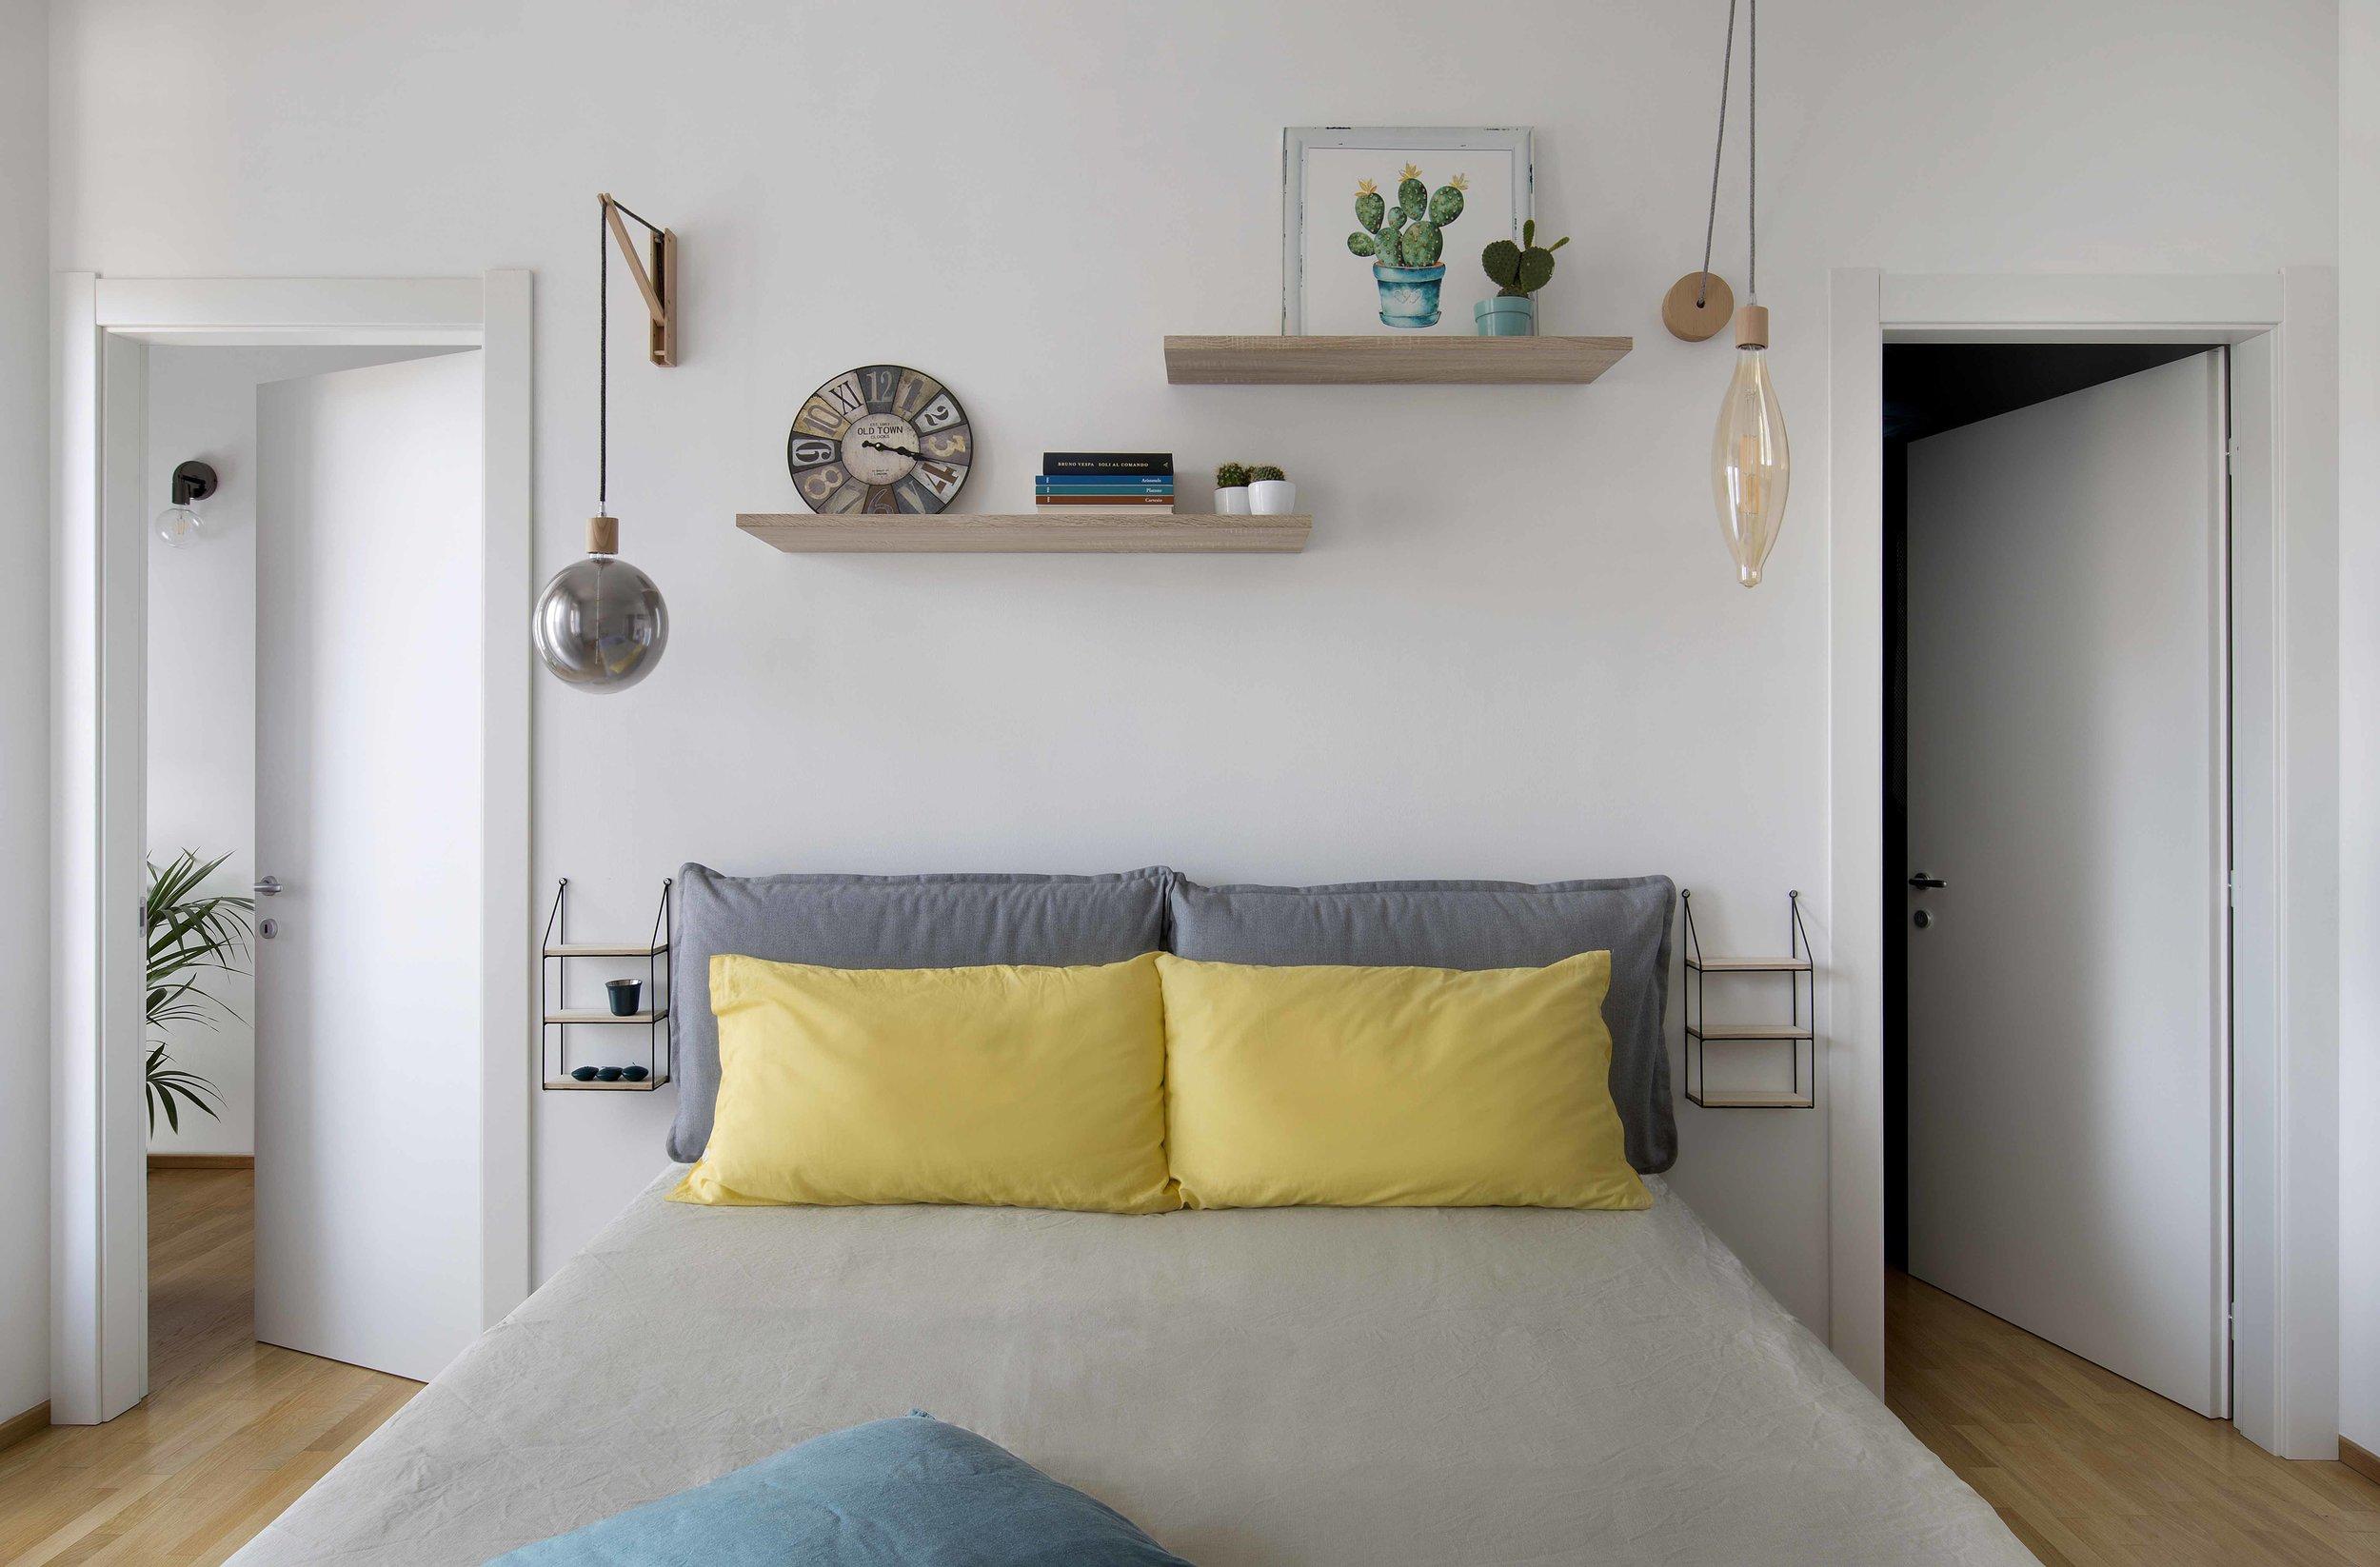 Planbuy-camera da letto creative cable